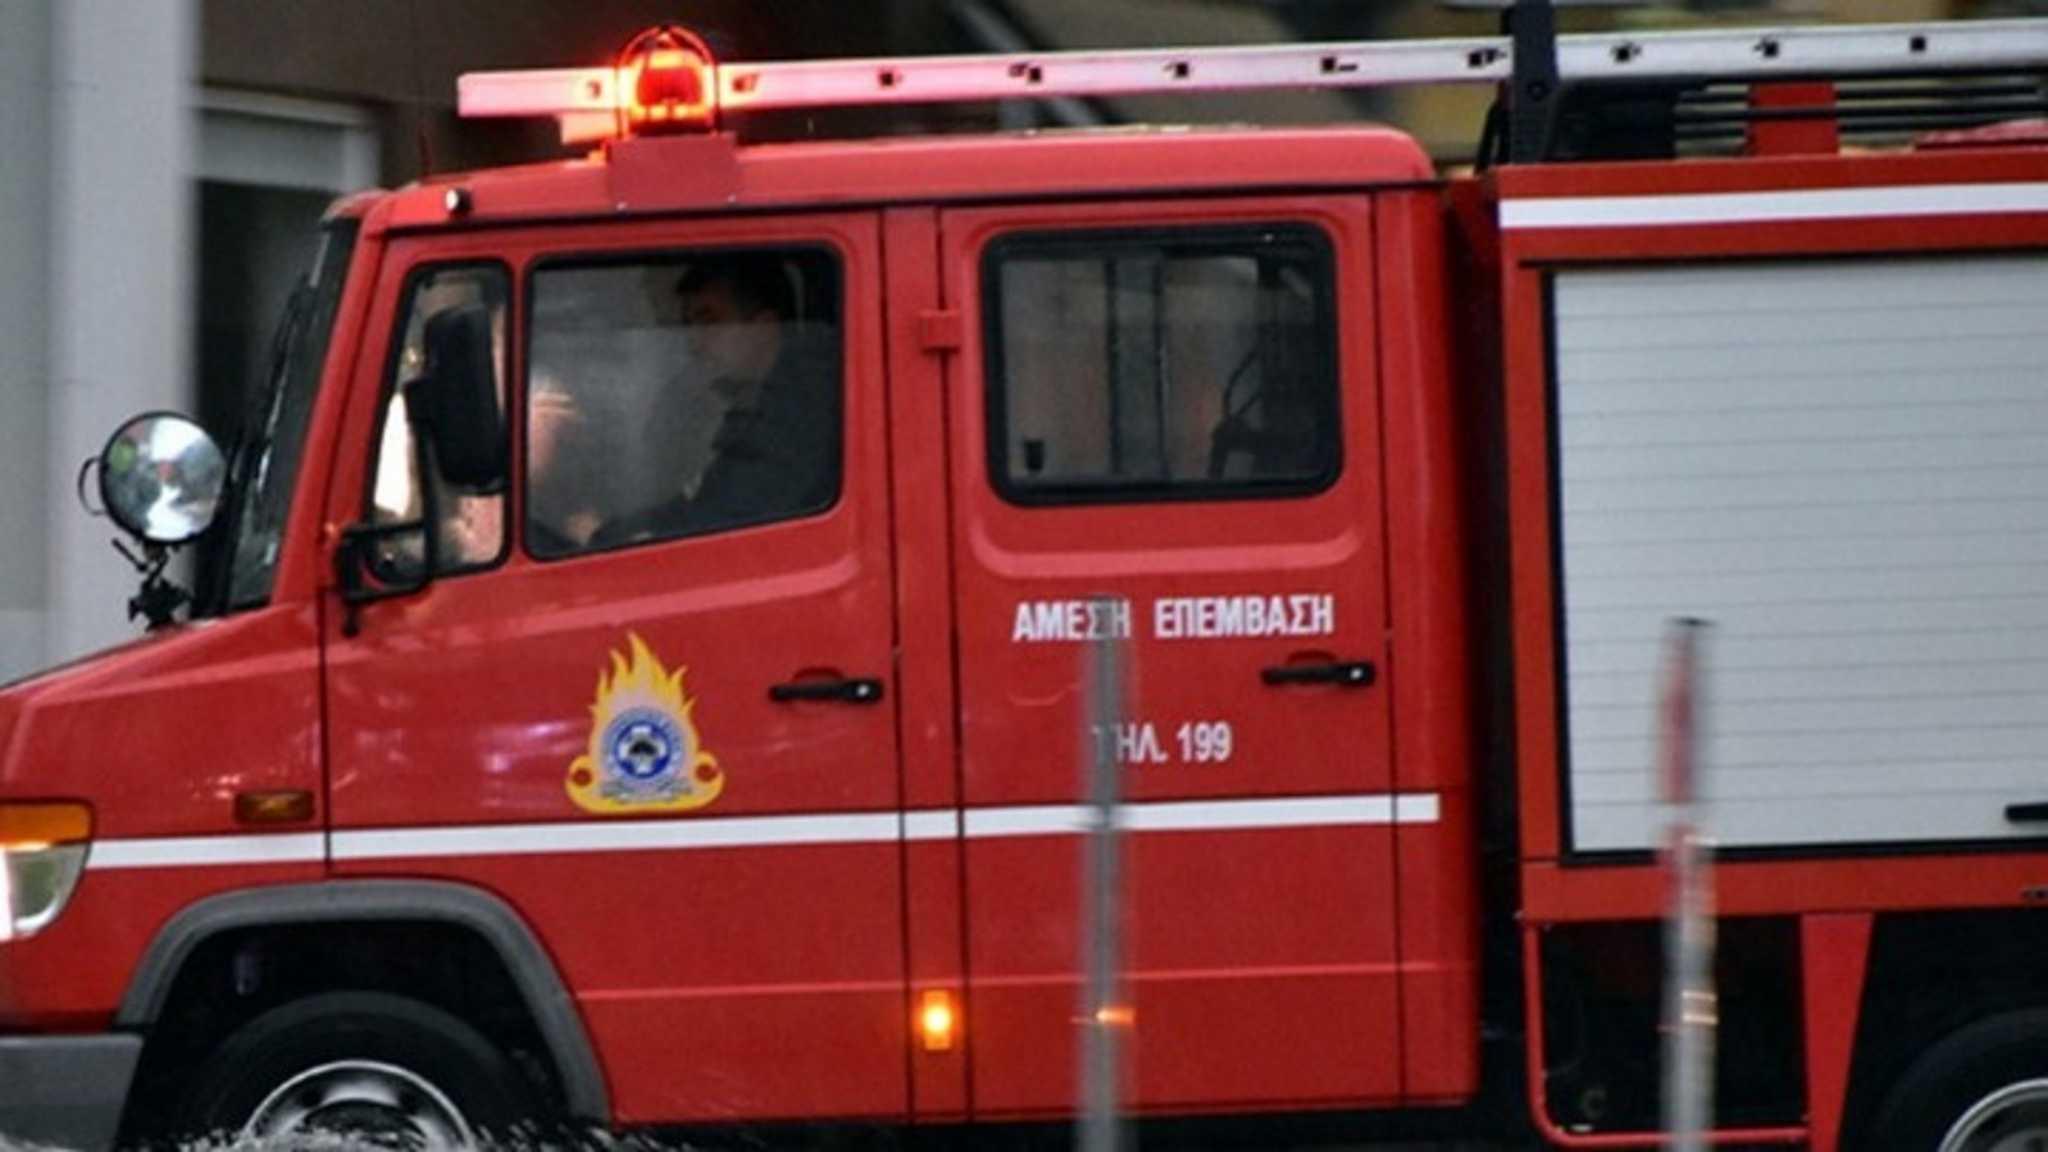 Καβάλα: Νεκρός ηλικιωμένος από φωτιά που ξέσπασε σε μονοκατοικία